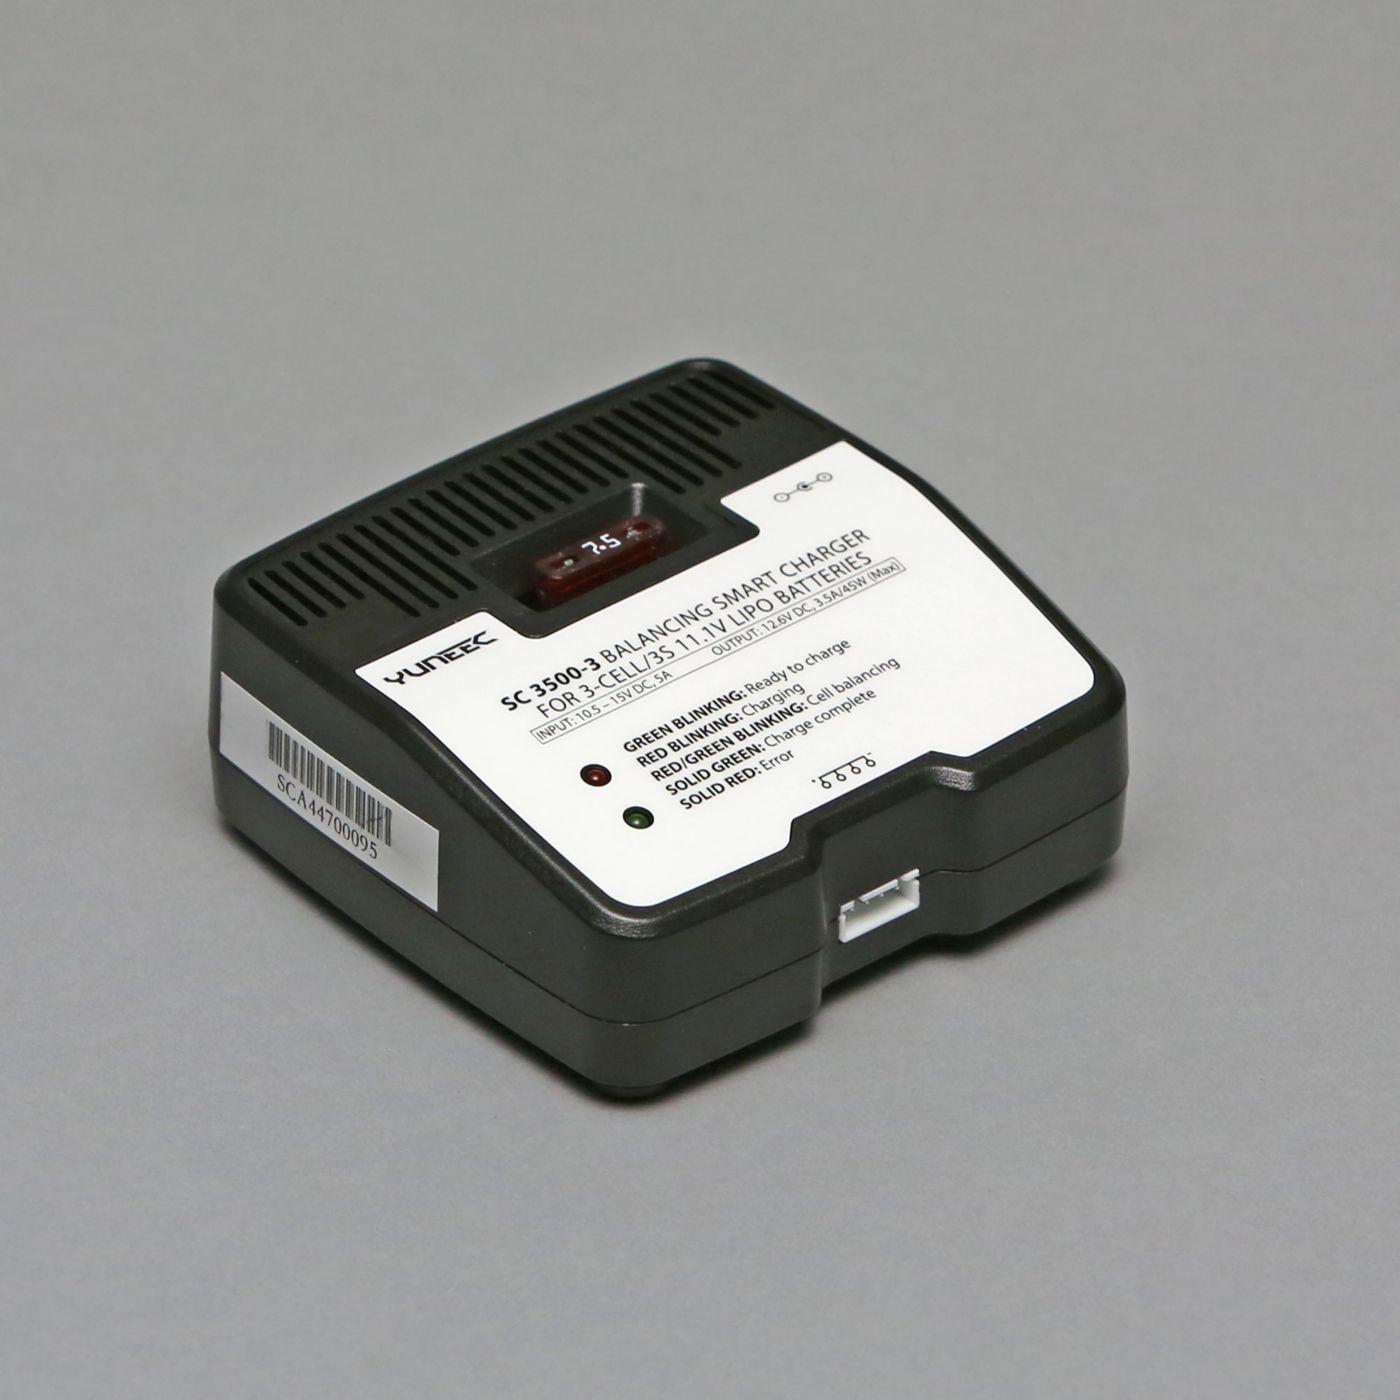 SC35003 3S 11.1V 3.5A DC LiPo Balancing Charger  (YUNSC35003)